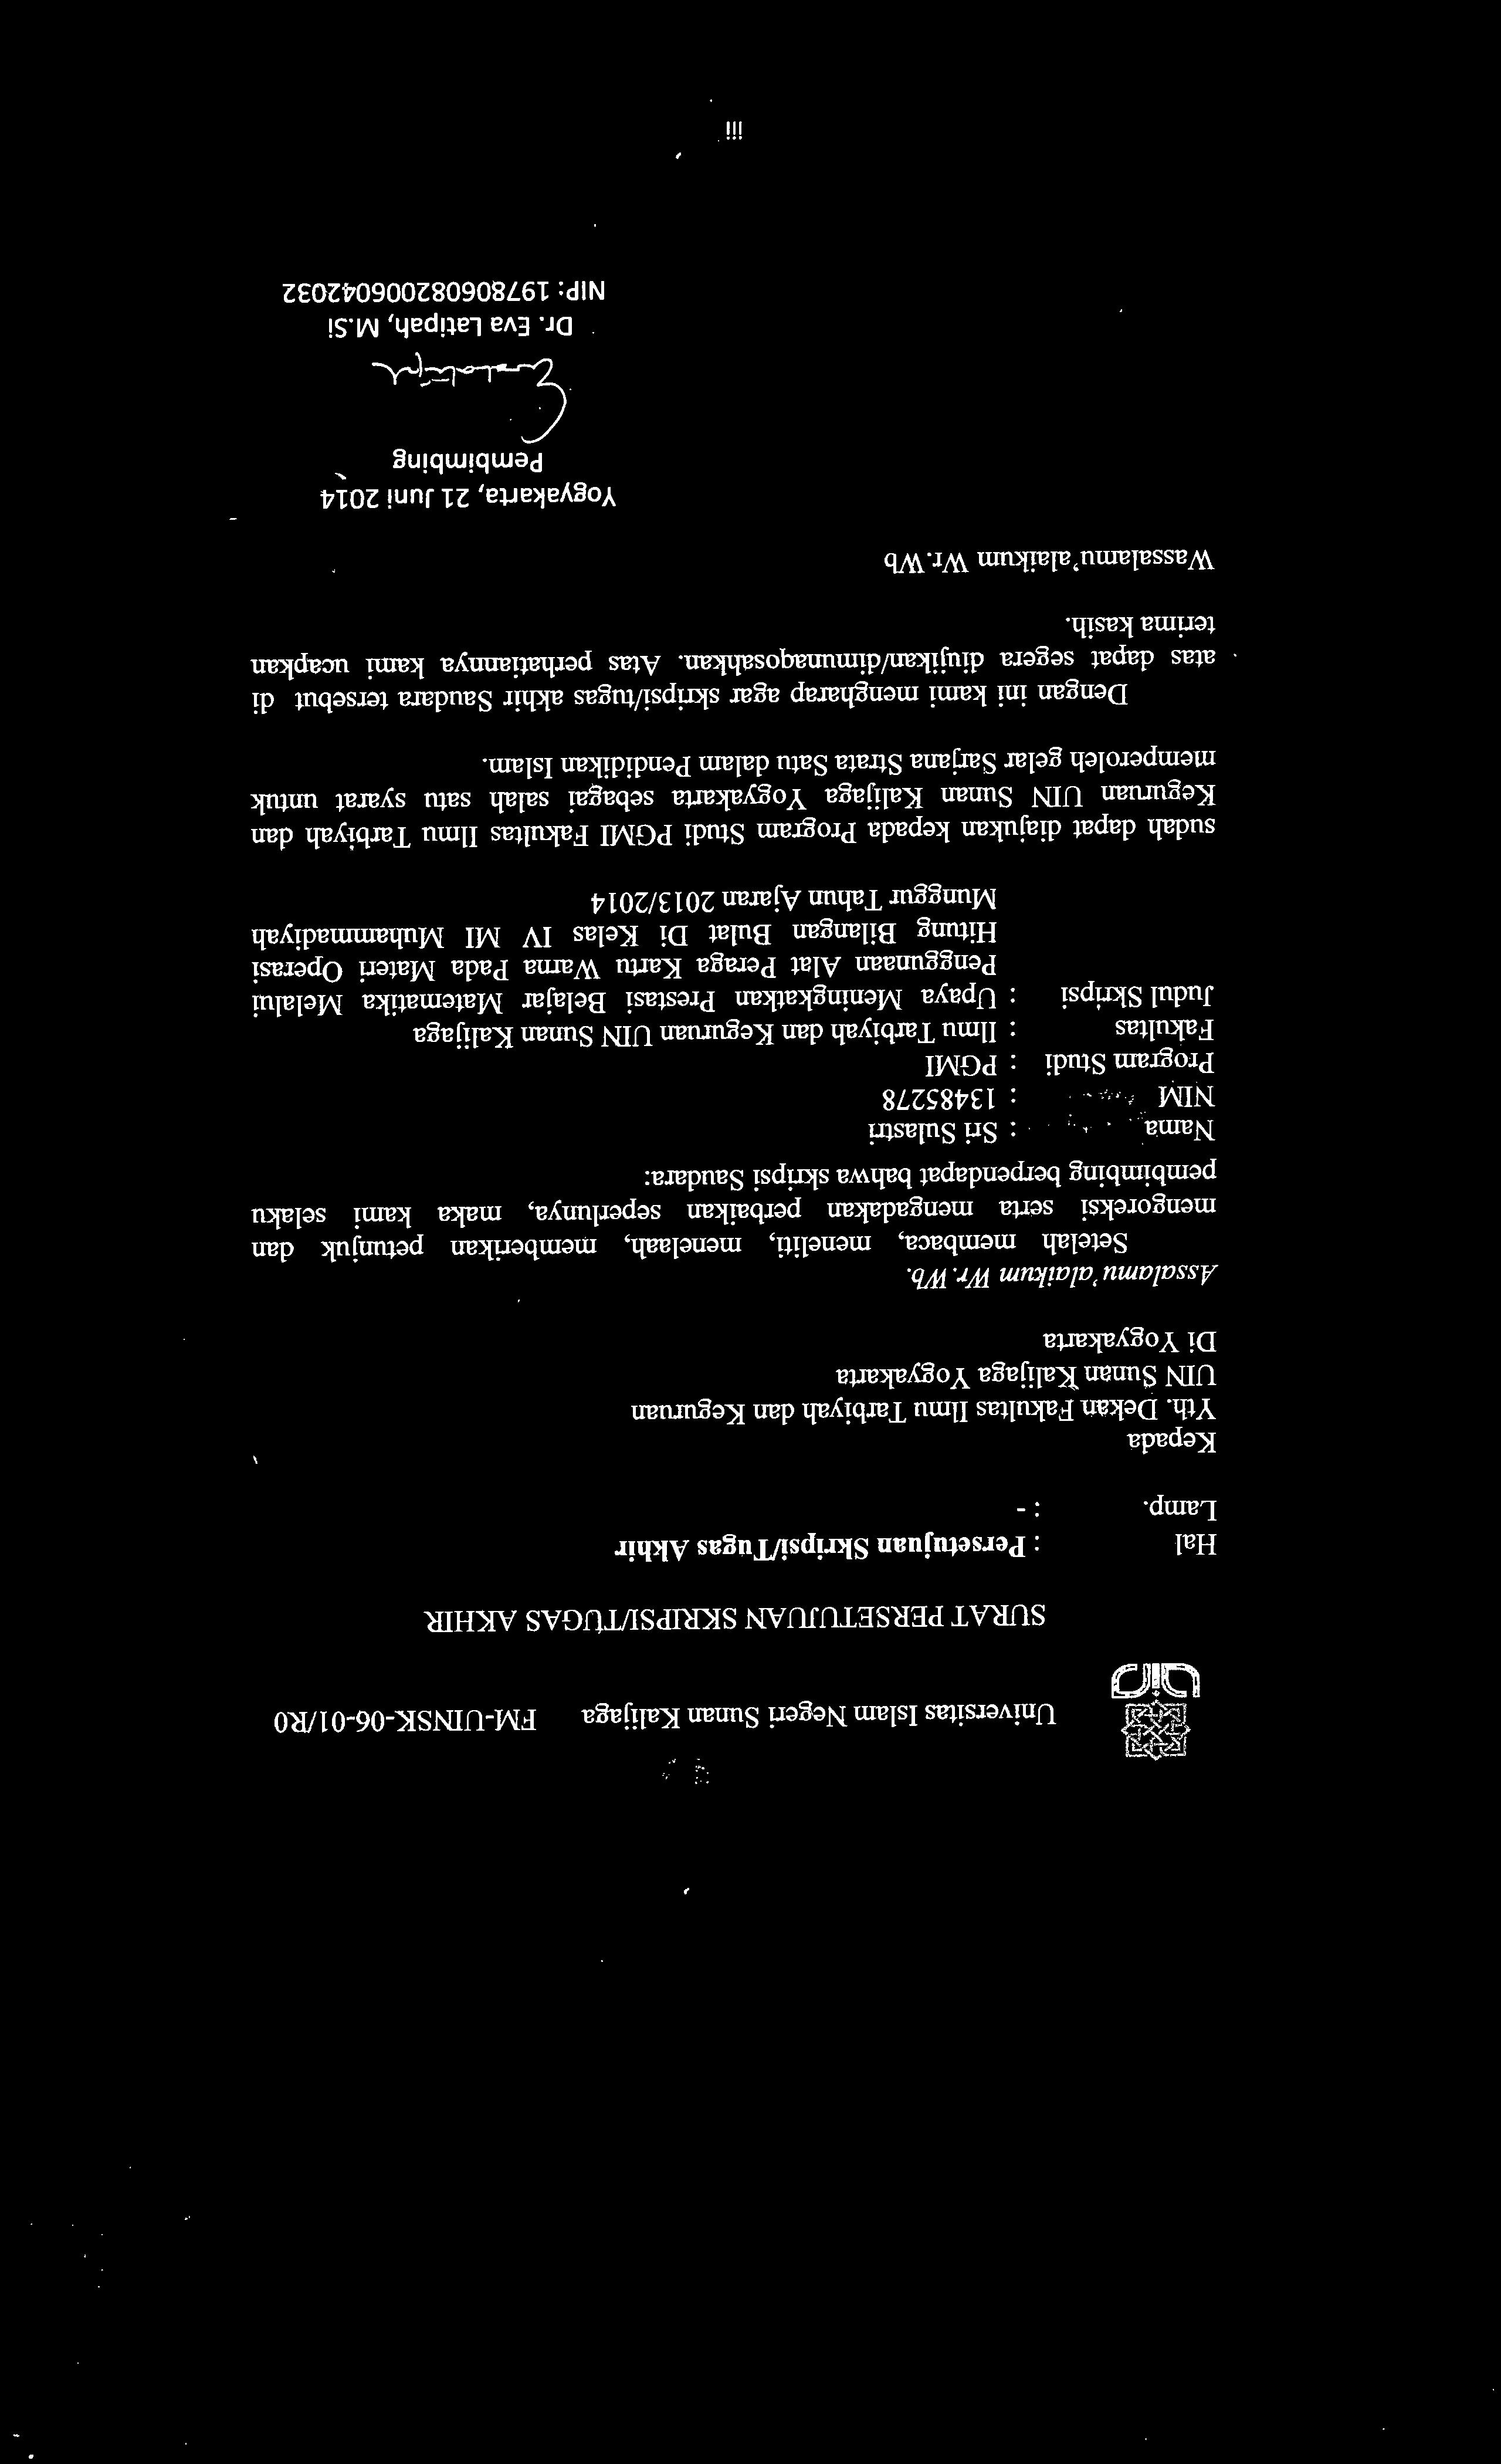 Bimbel Masuk Uin Sunan Kalijaga Yogyakarta Prodi Jurusan Uin